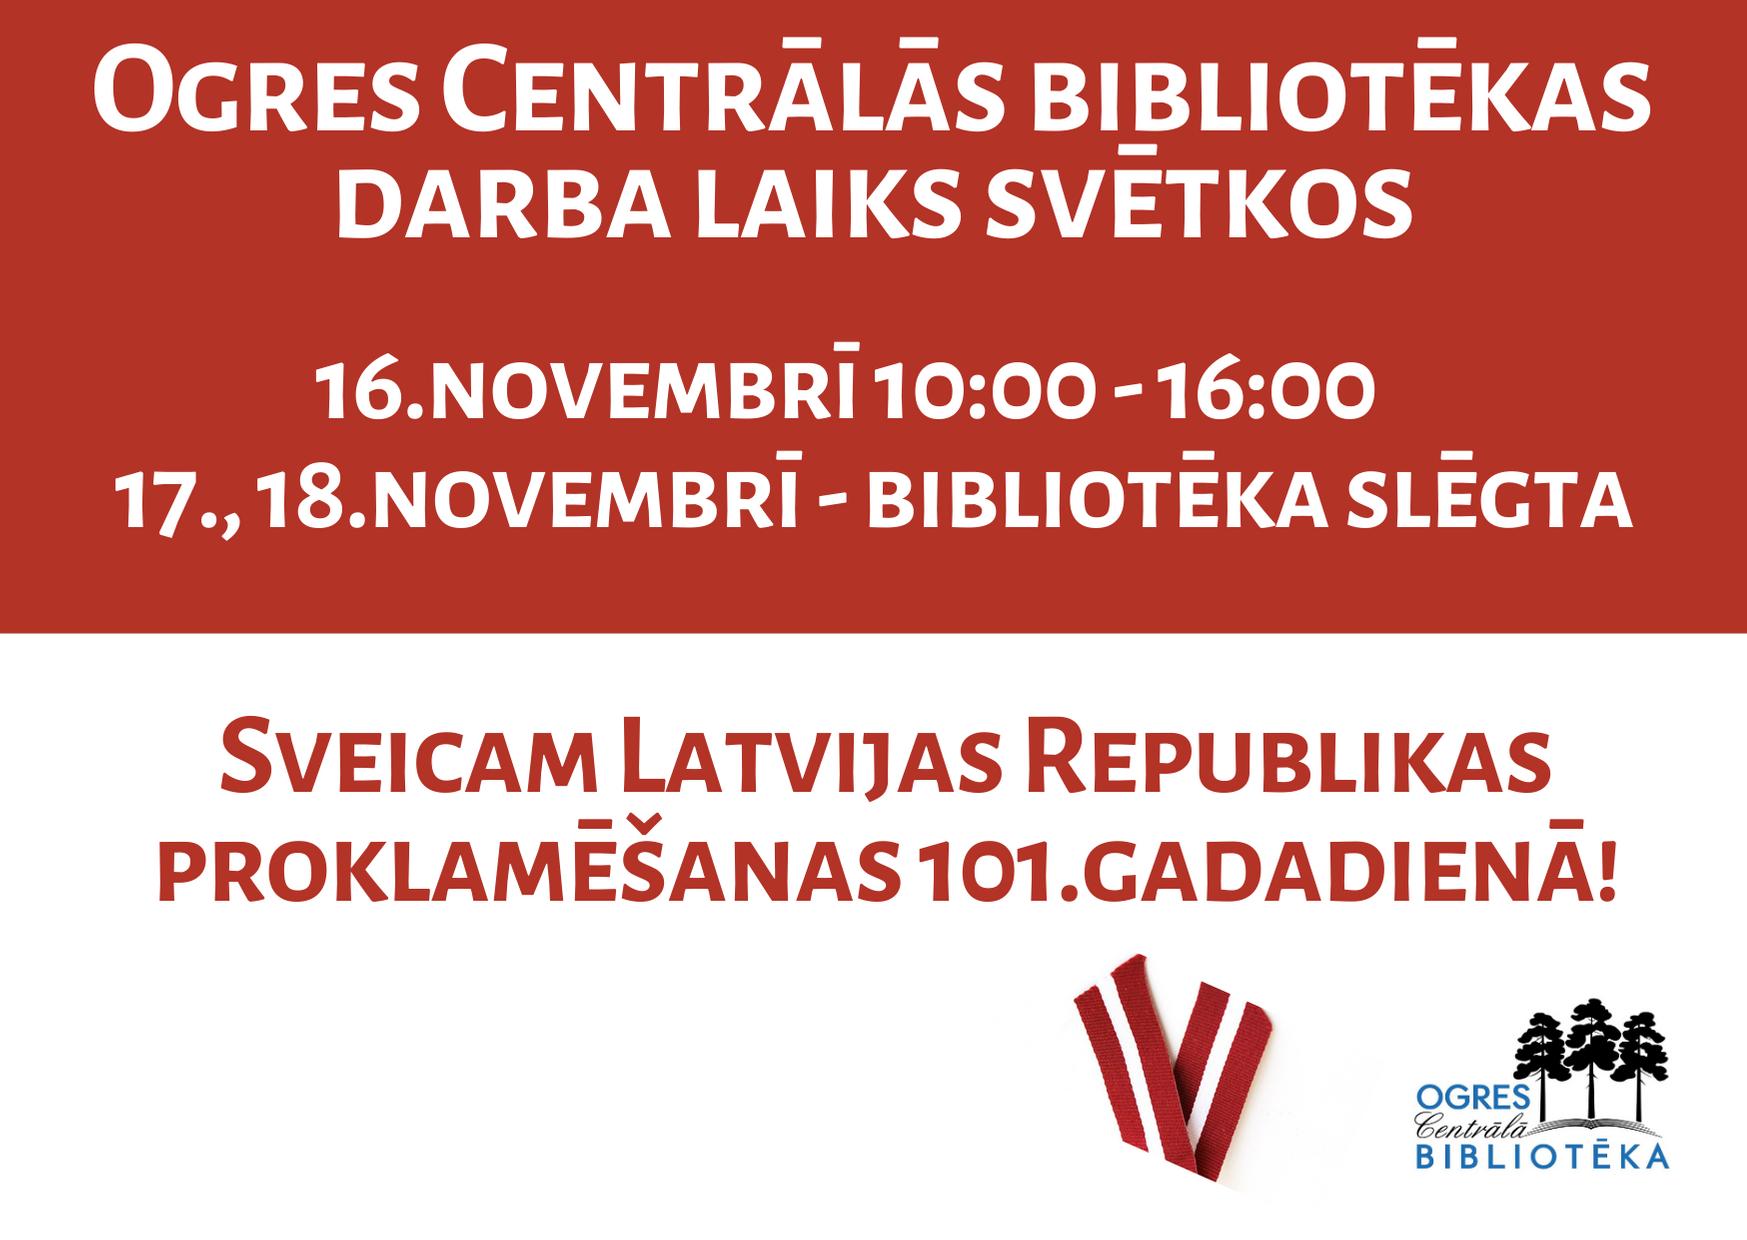 18.novembrī Bibliotēka Slēgta